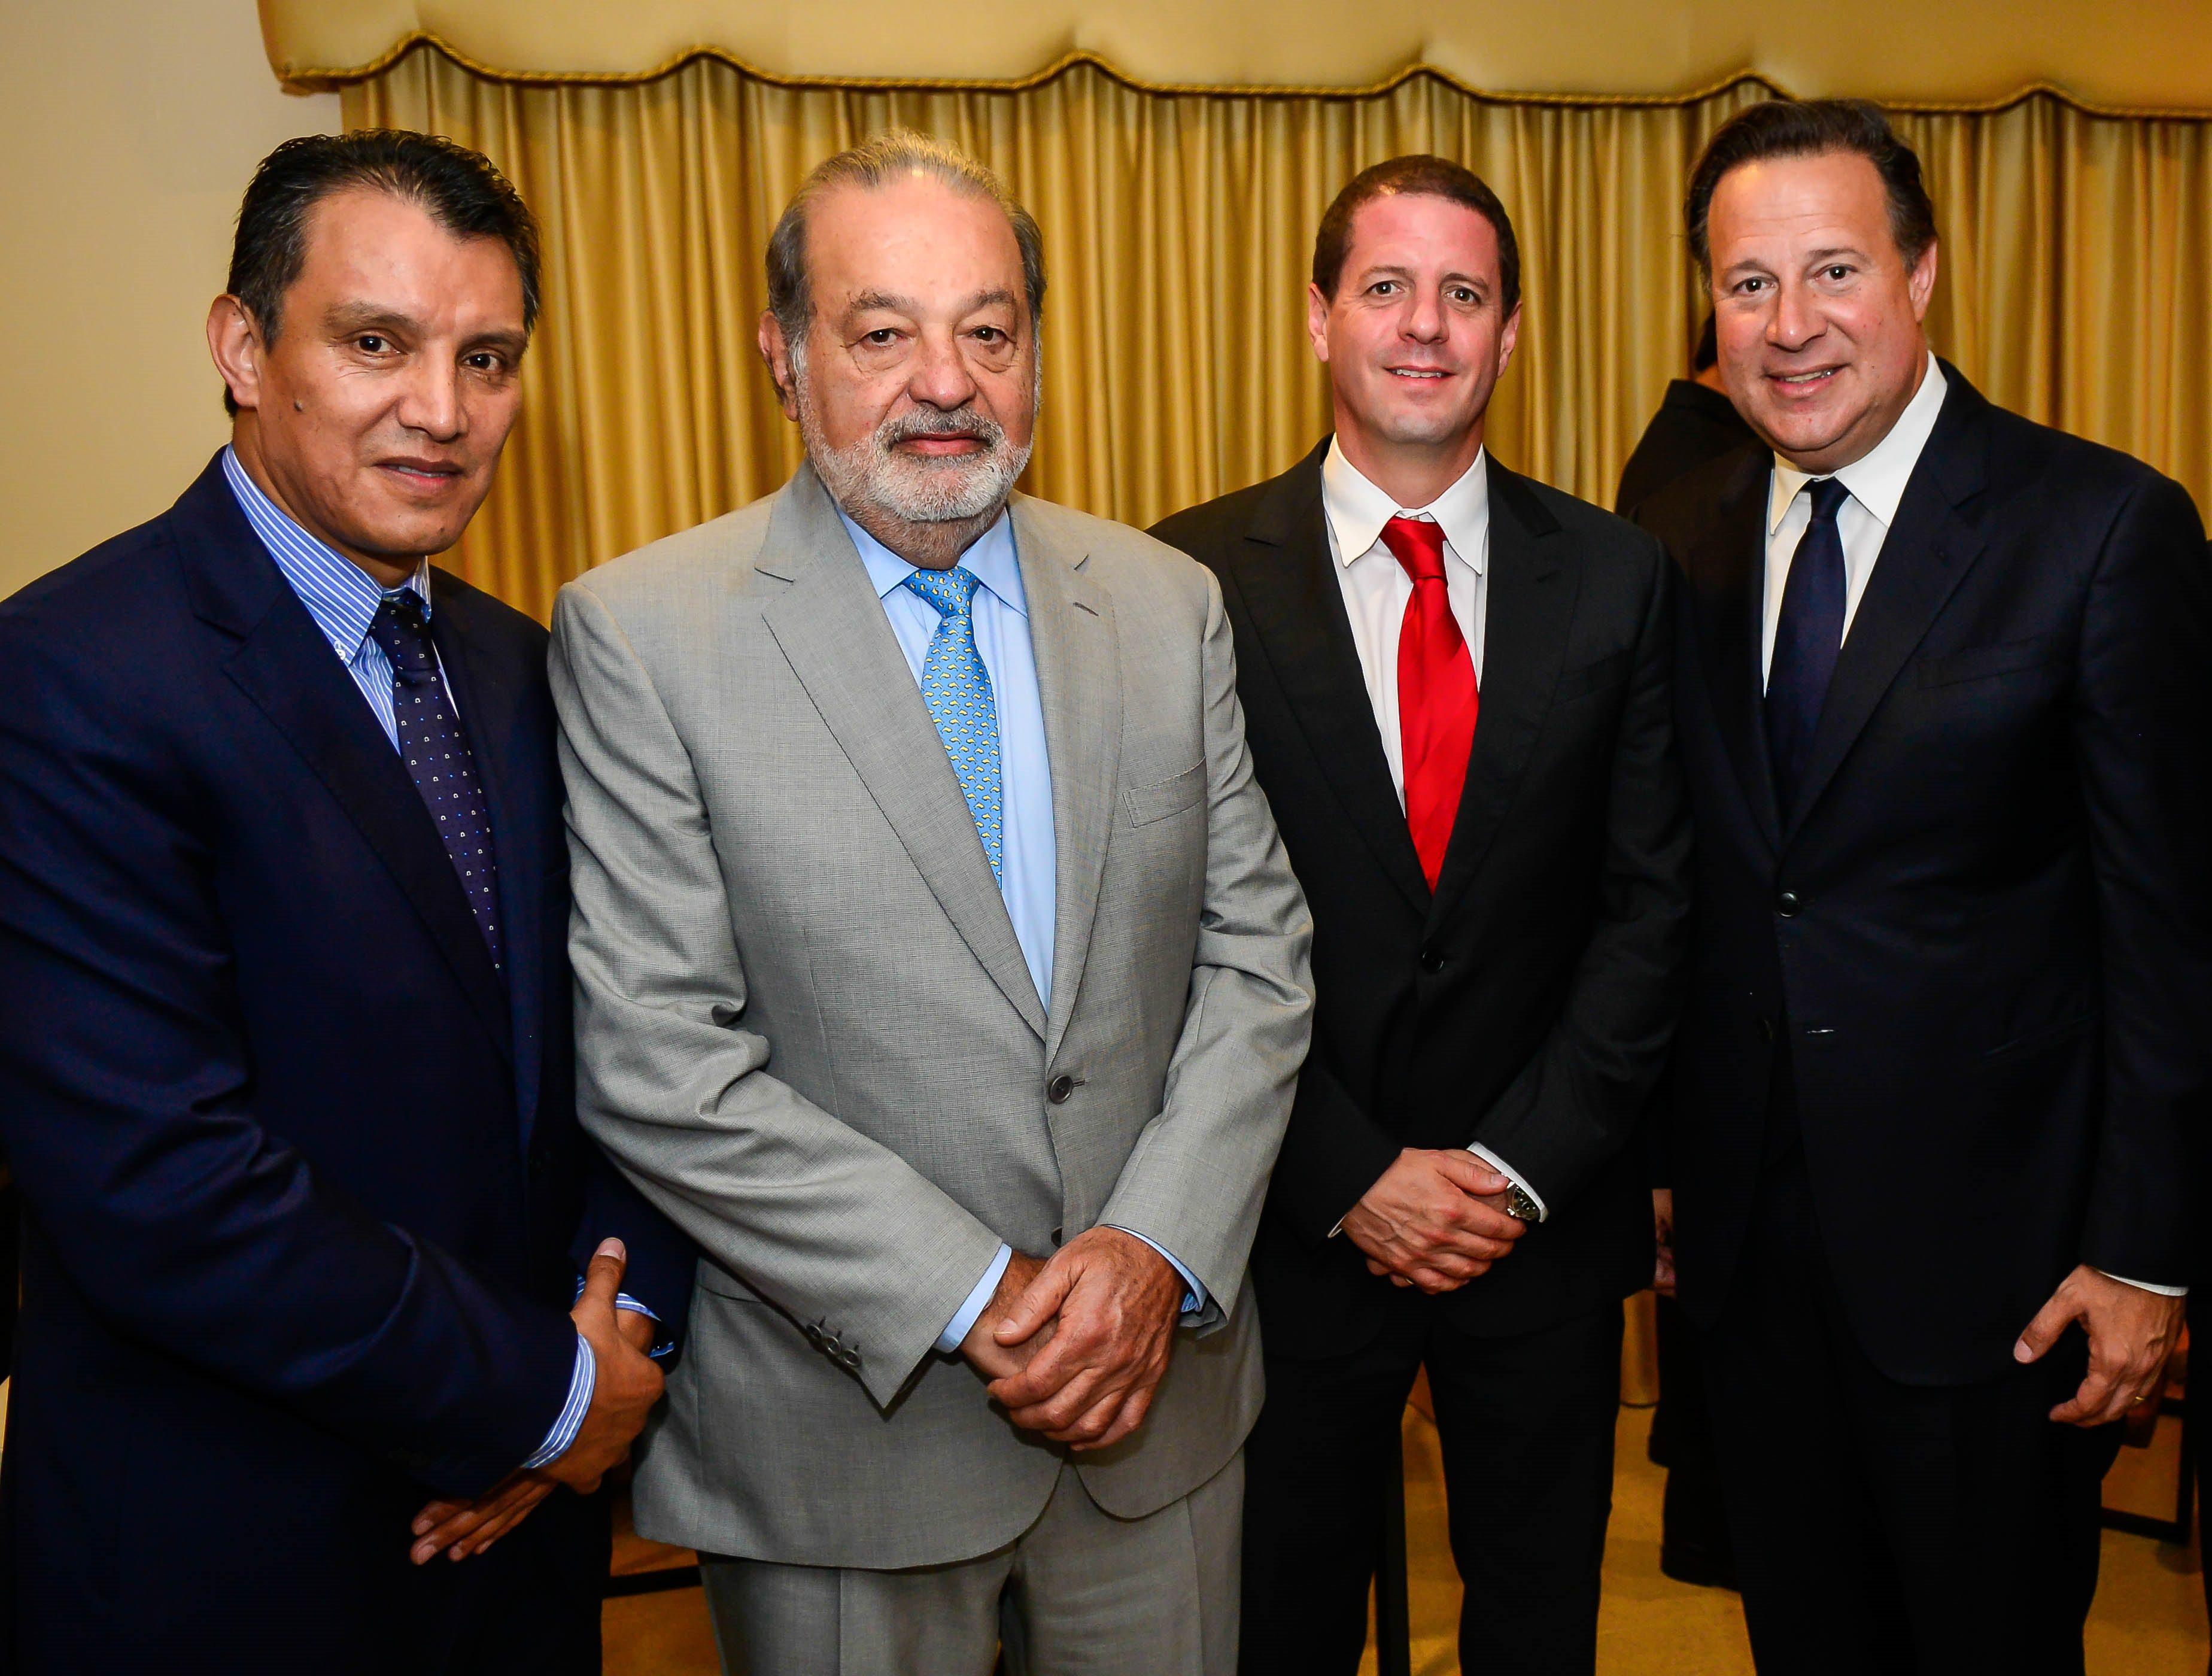 EXCLUSIVA FORBES: Carlos Slim invertirá 8,000 mdd para mejorar la comunicación en América Latina